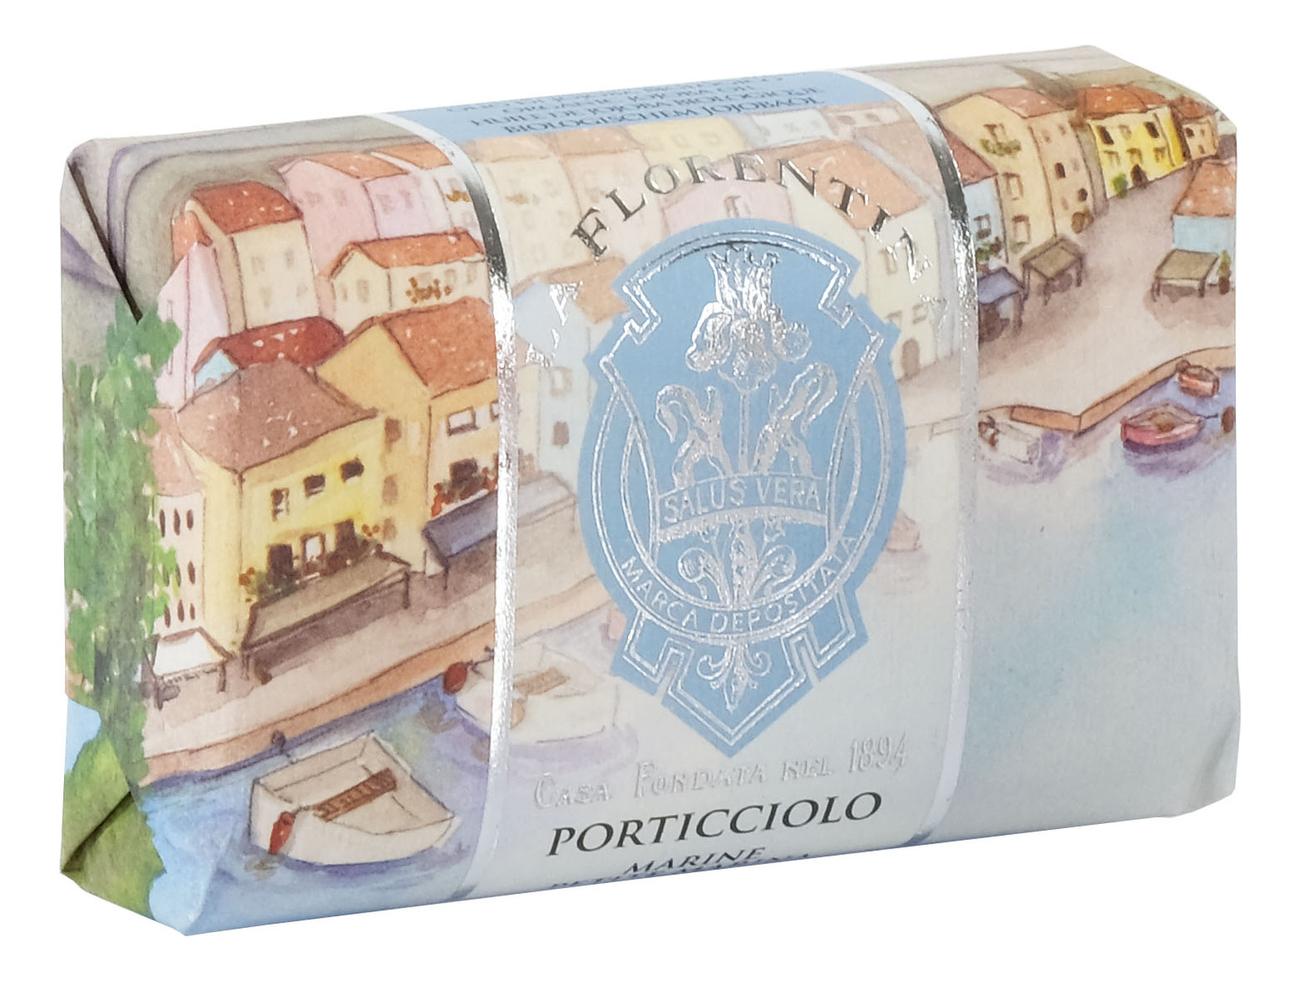 Мыло Porticciolo Saponetta: Мыло 200г мыло giardino segreto spigo tosmano camomilla saponetta 270г